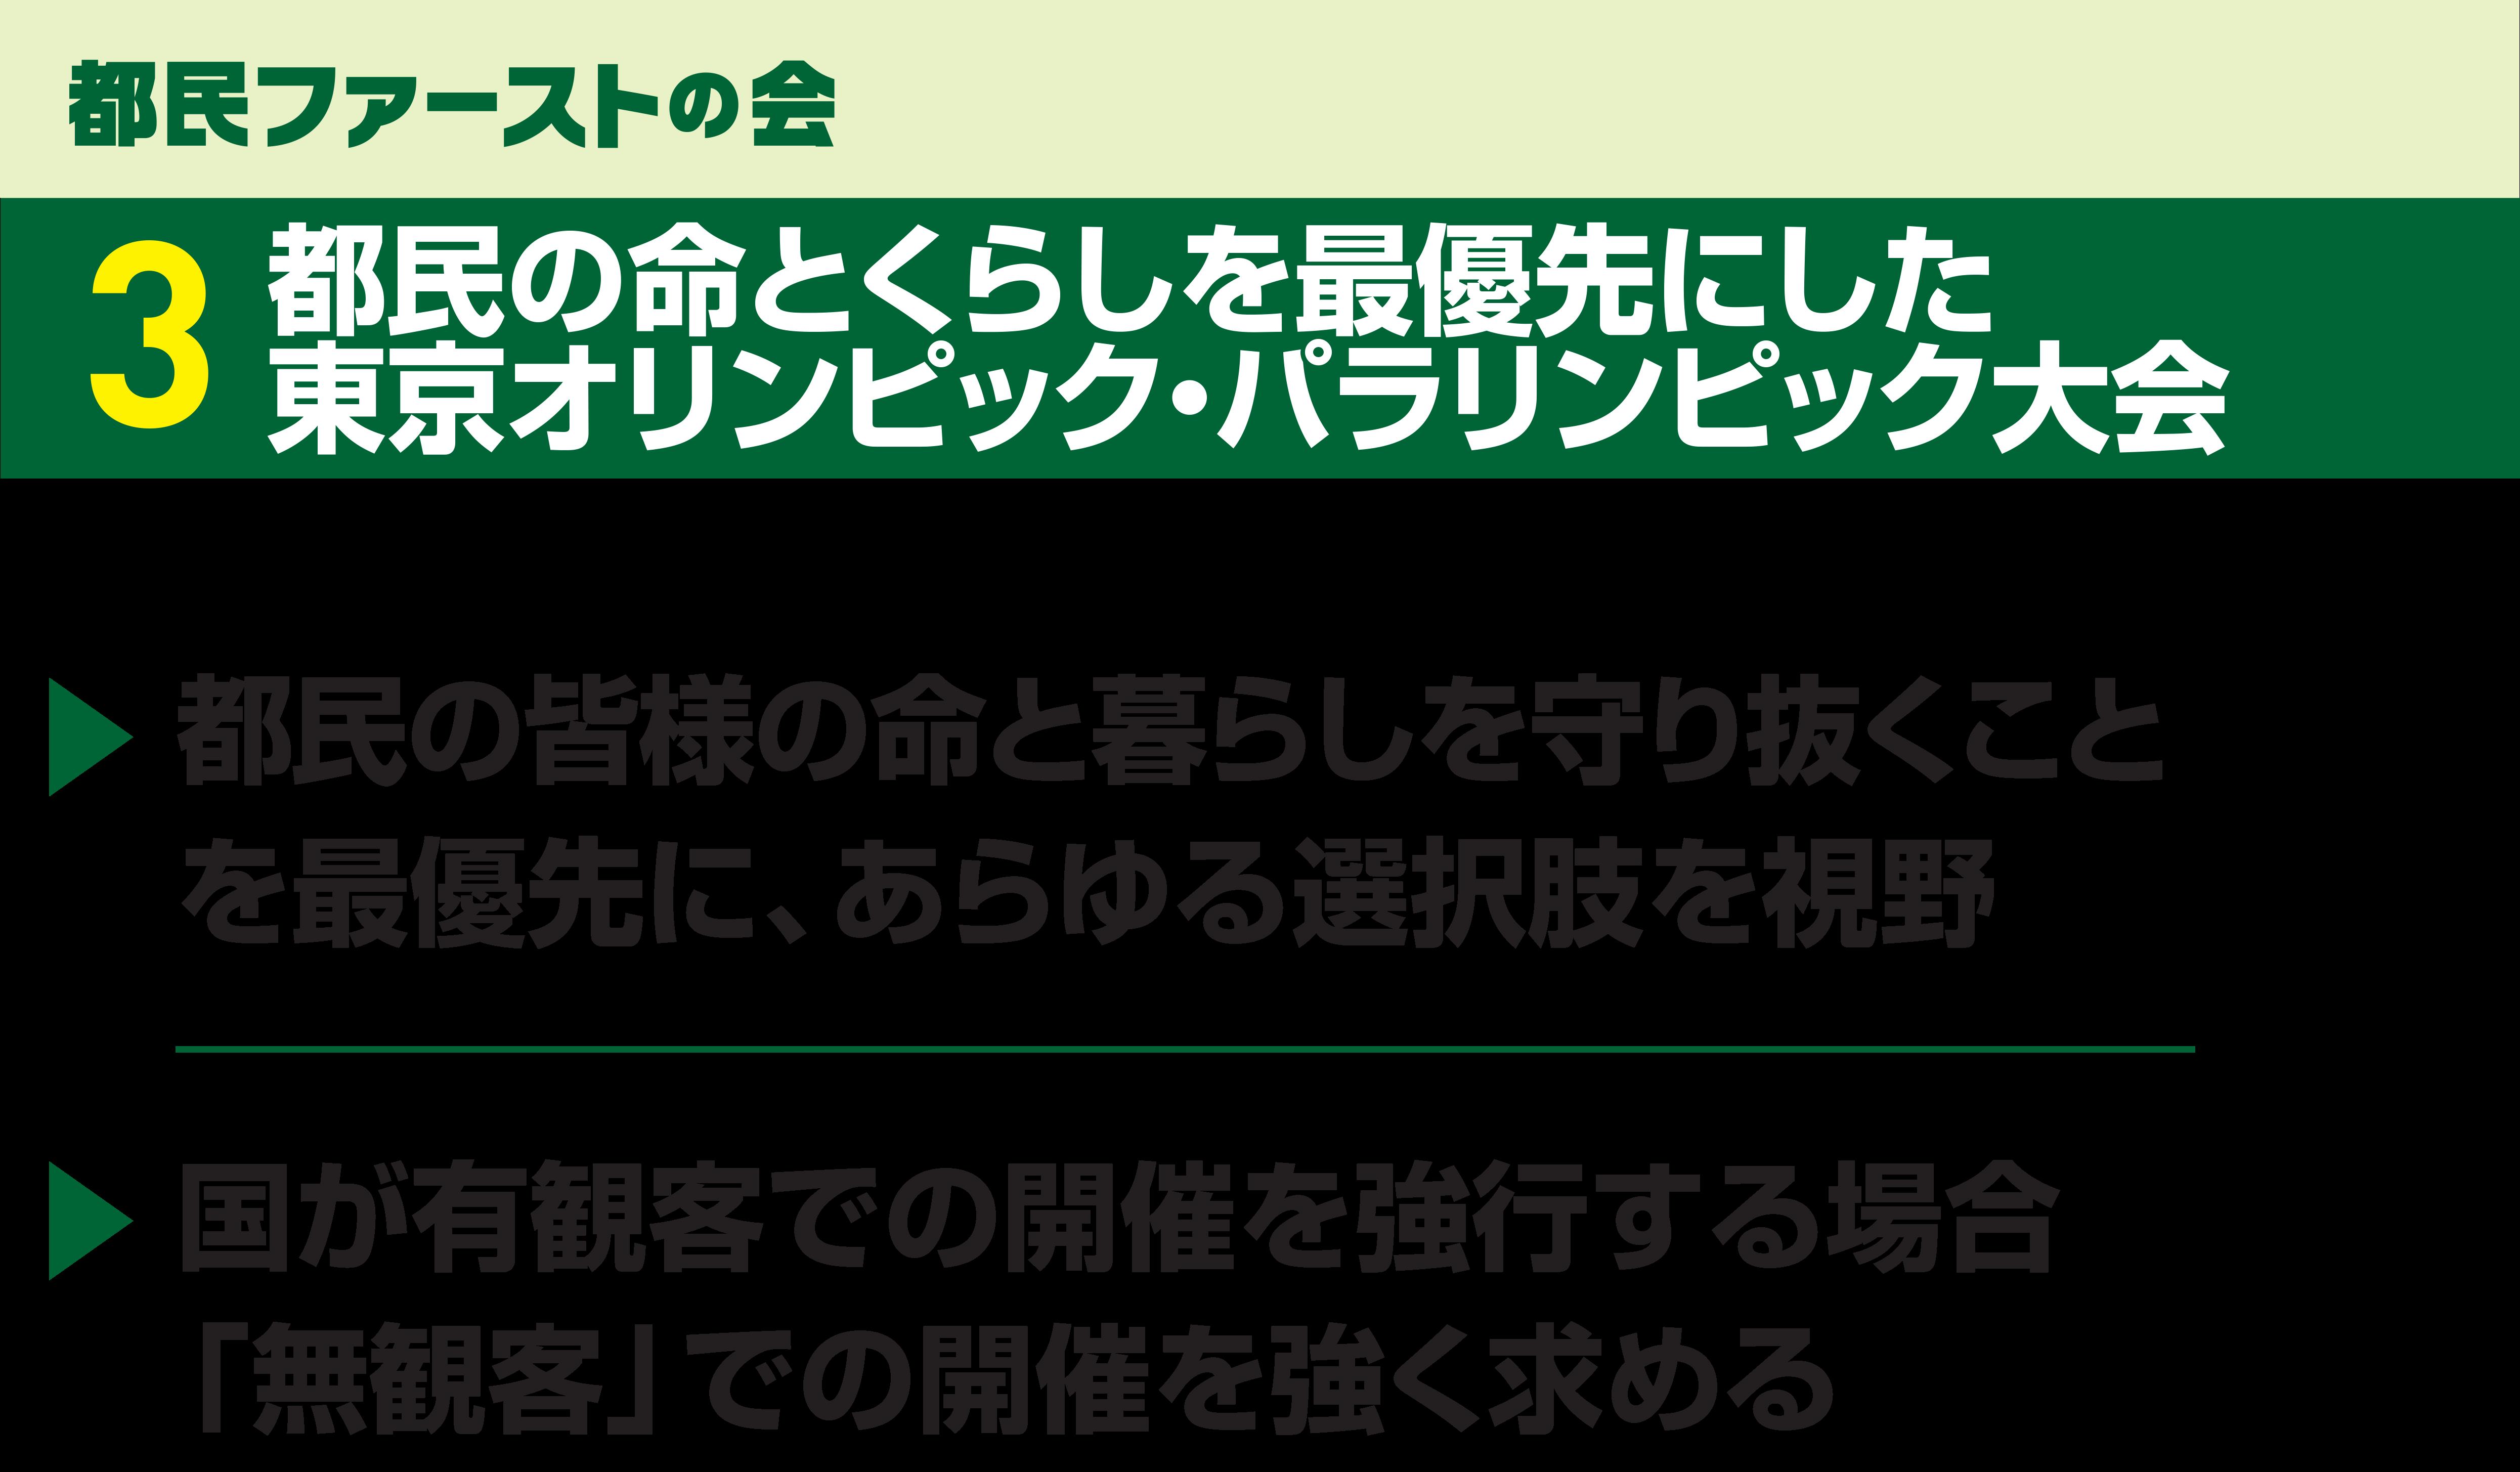 都民の命とくらしを最優先にした東京オリンピック・パラリンピック大会